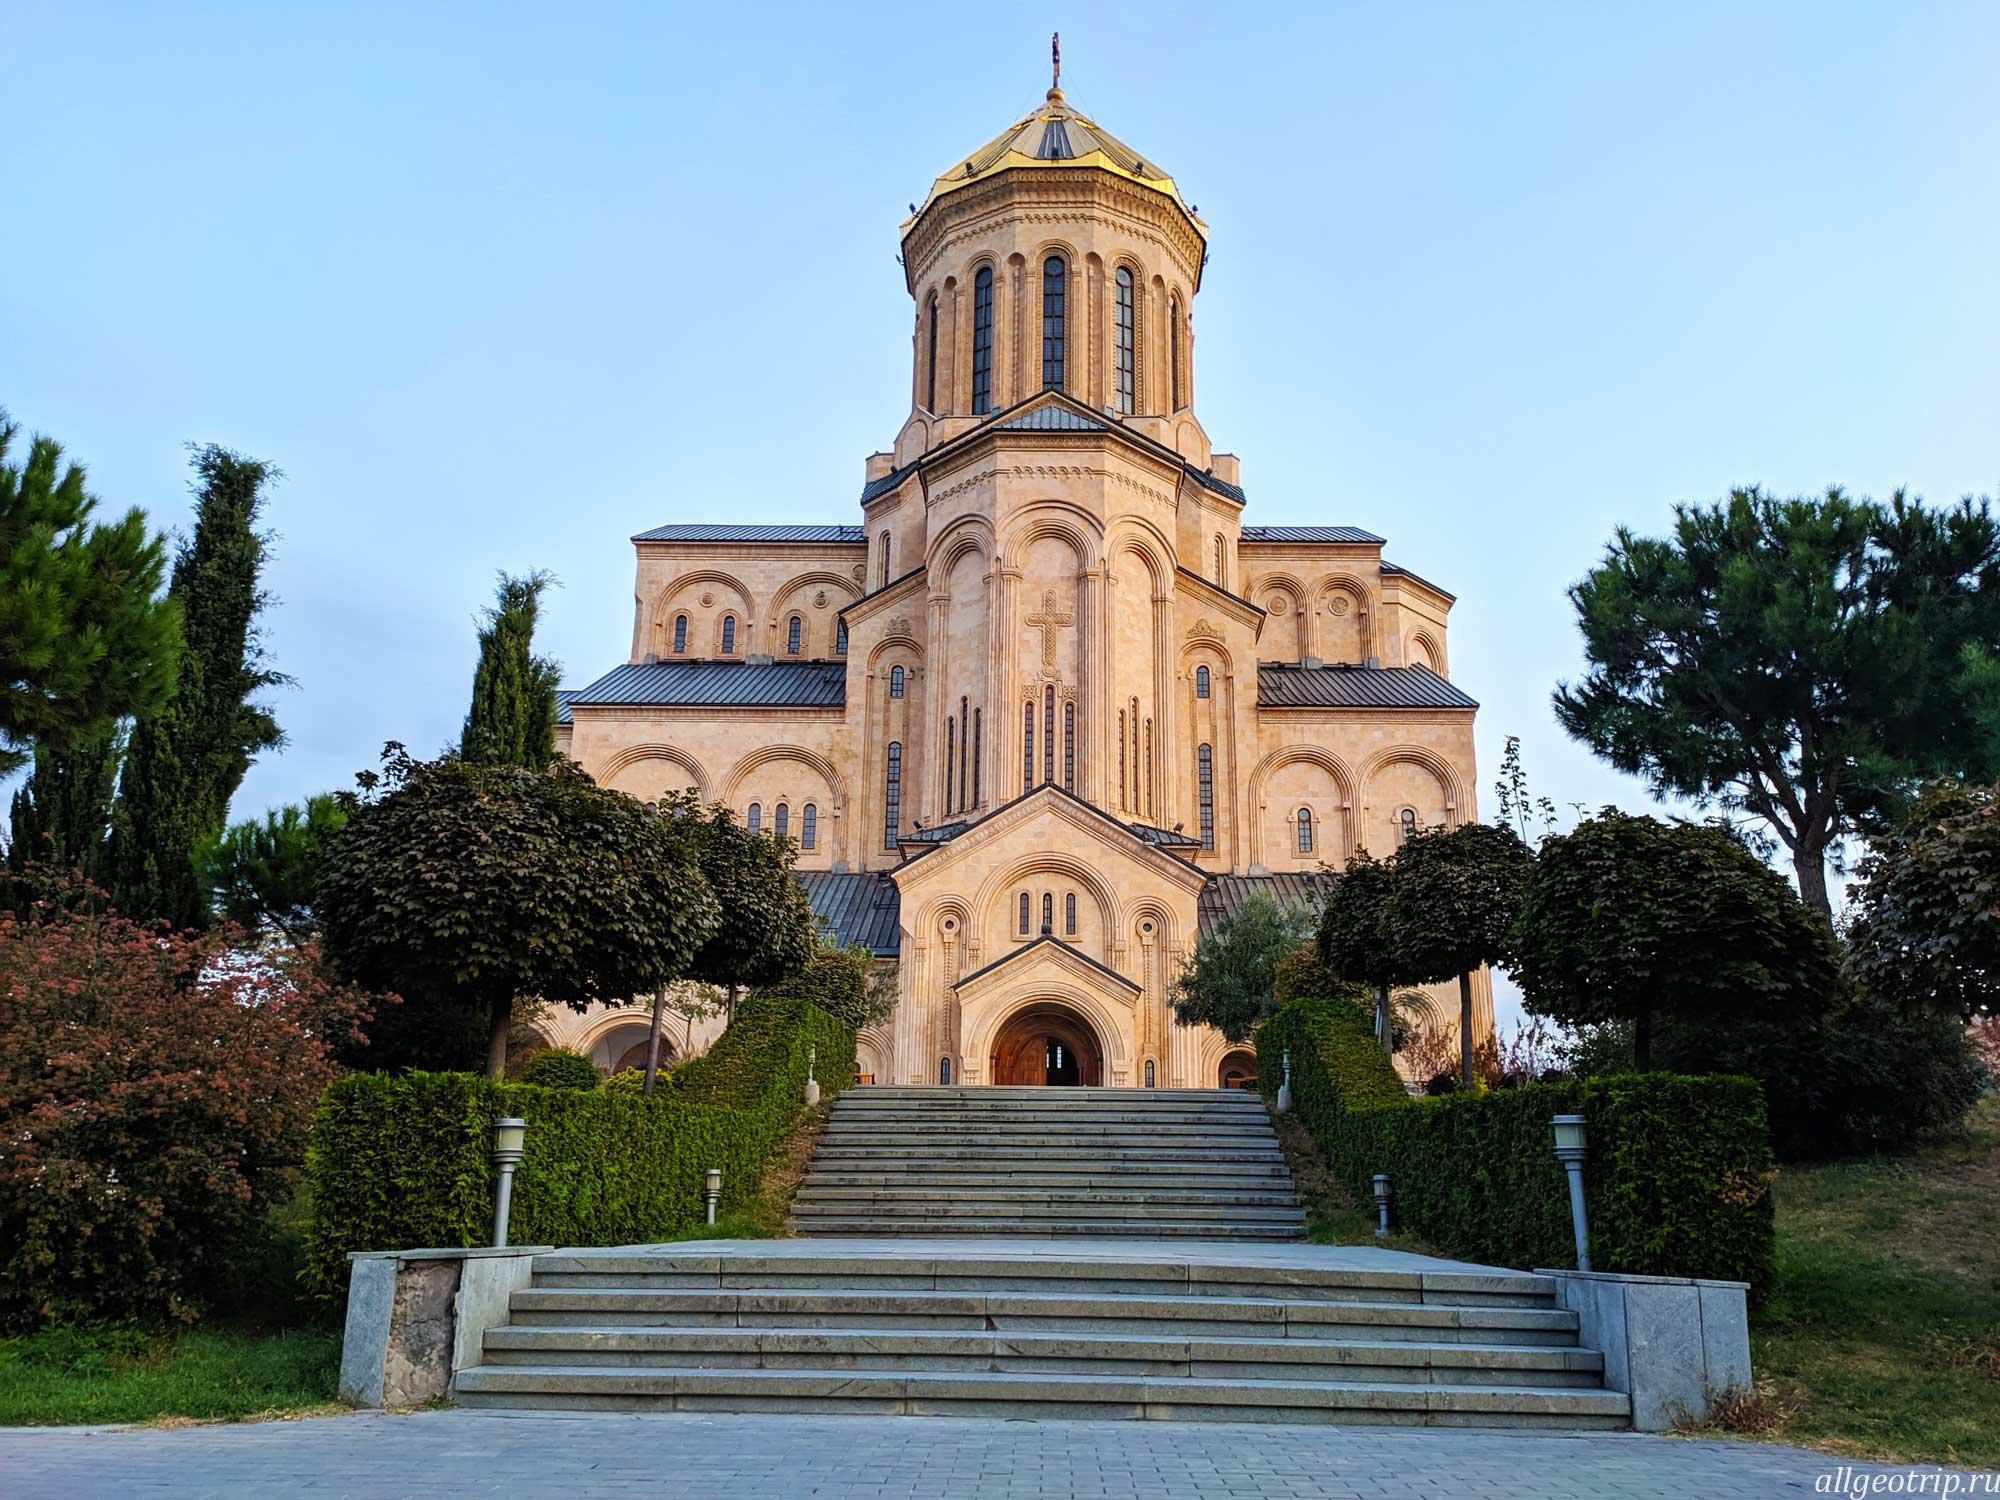 Достопримечательности Тбилиси Самеба